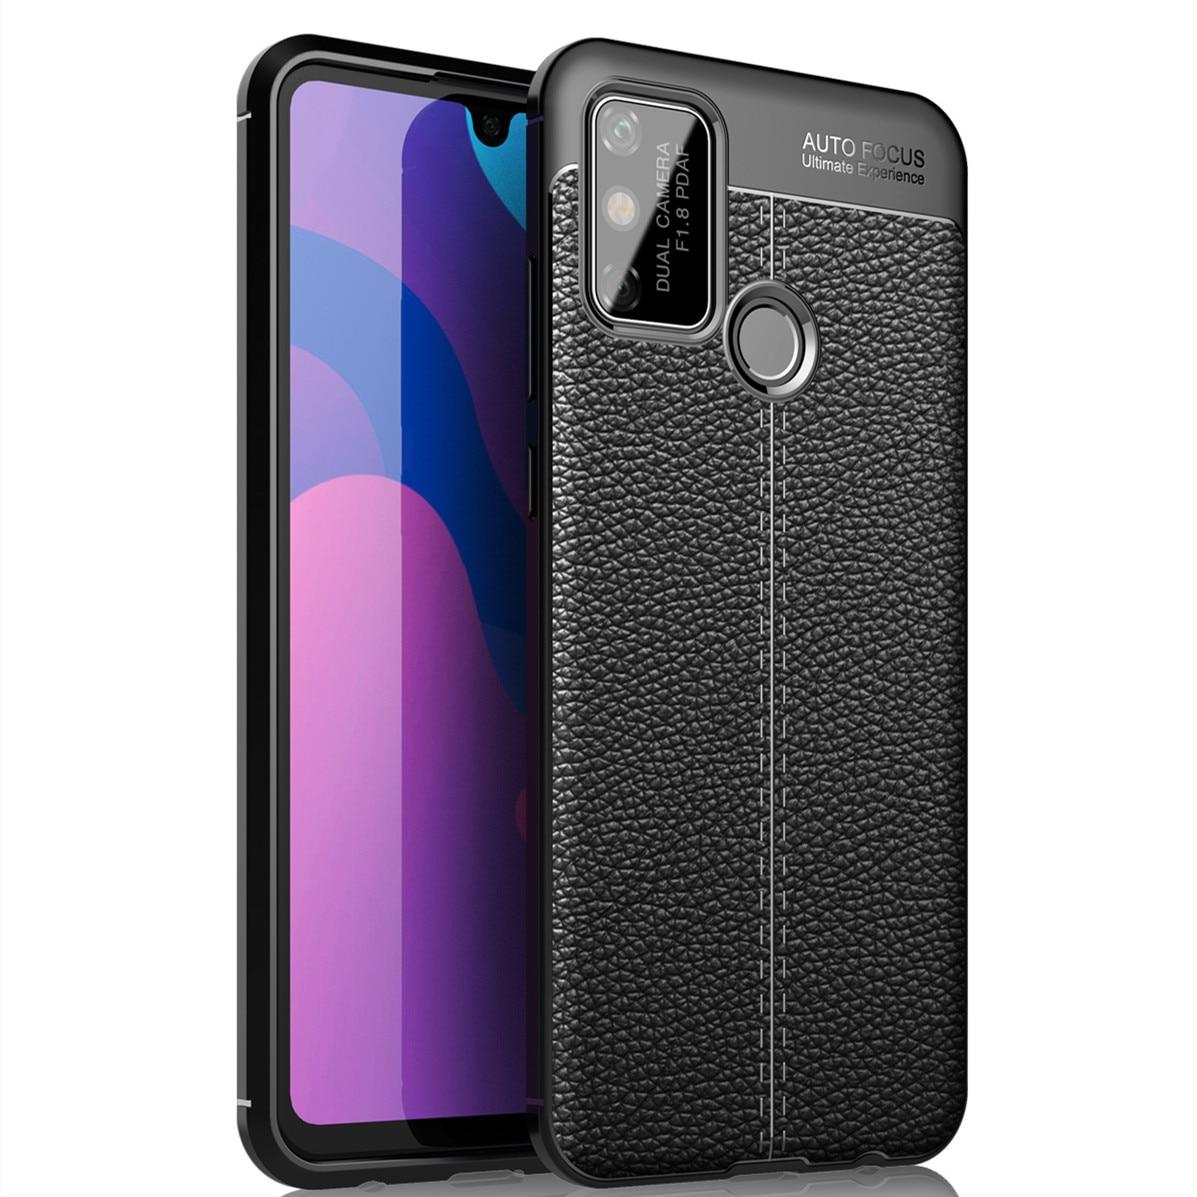 Nueva funda de teléfono con patrón de cuero Litchi para Huawei Honor Play 9A a prueba de golpes TPU funda trasera para teléfono HUAWEI Honor Play 9A